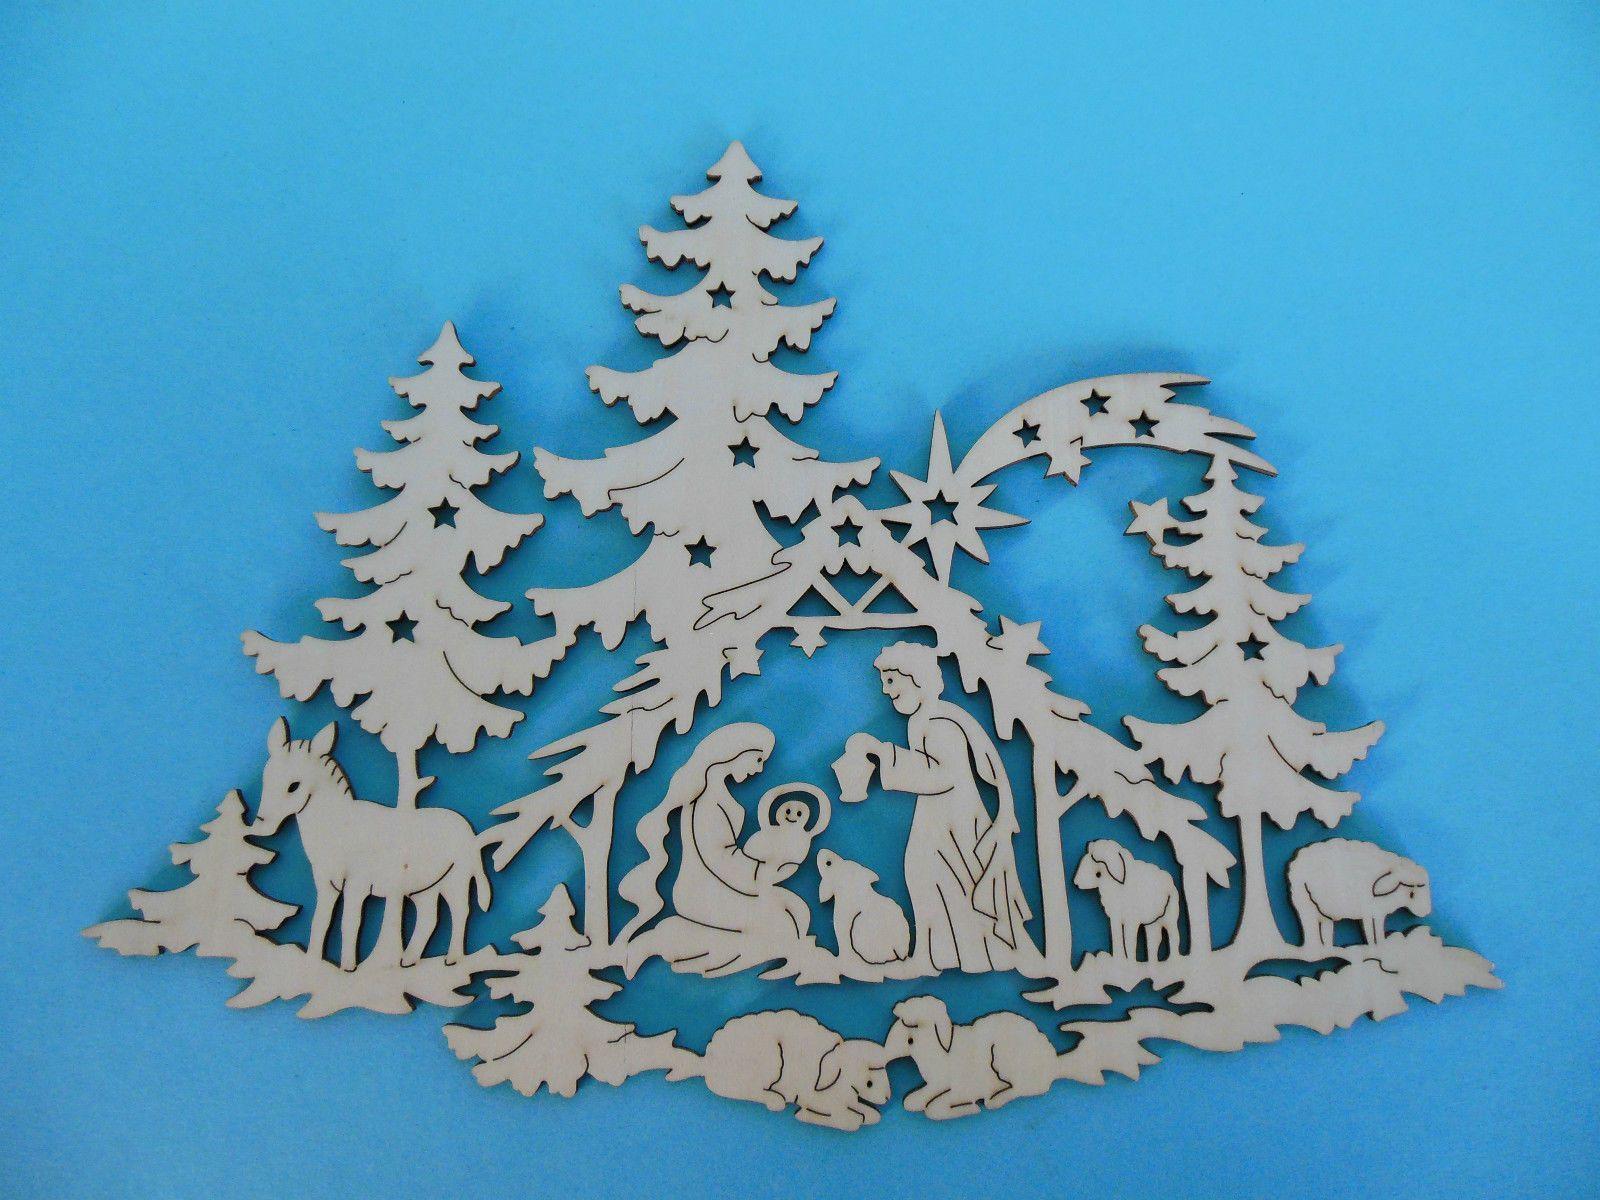 Fensterbild Heilige Familie Ca 33 Cm Avec Laubsage Tannenbaum Vorlage Et 25 Laubsage Tannen Laubsage Vorlagen Weihnachten Tannenbaum Vorlage Weihnachtsvorlagen